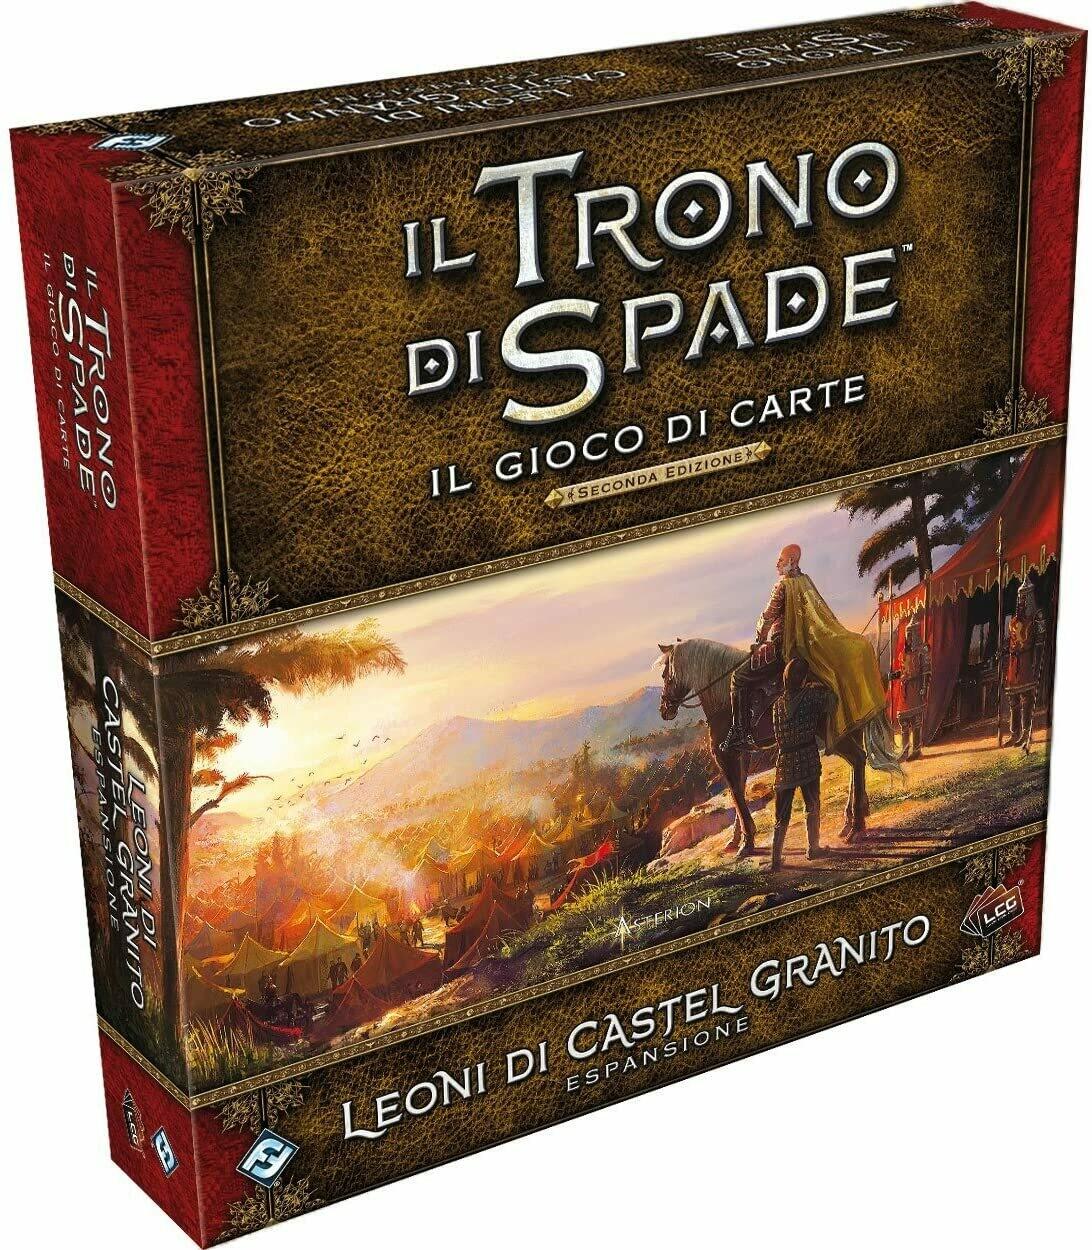 I Leoni di Castel Granito - Il trono di spade LCG - Il gioco di carte (2a ed.)